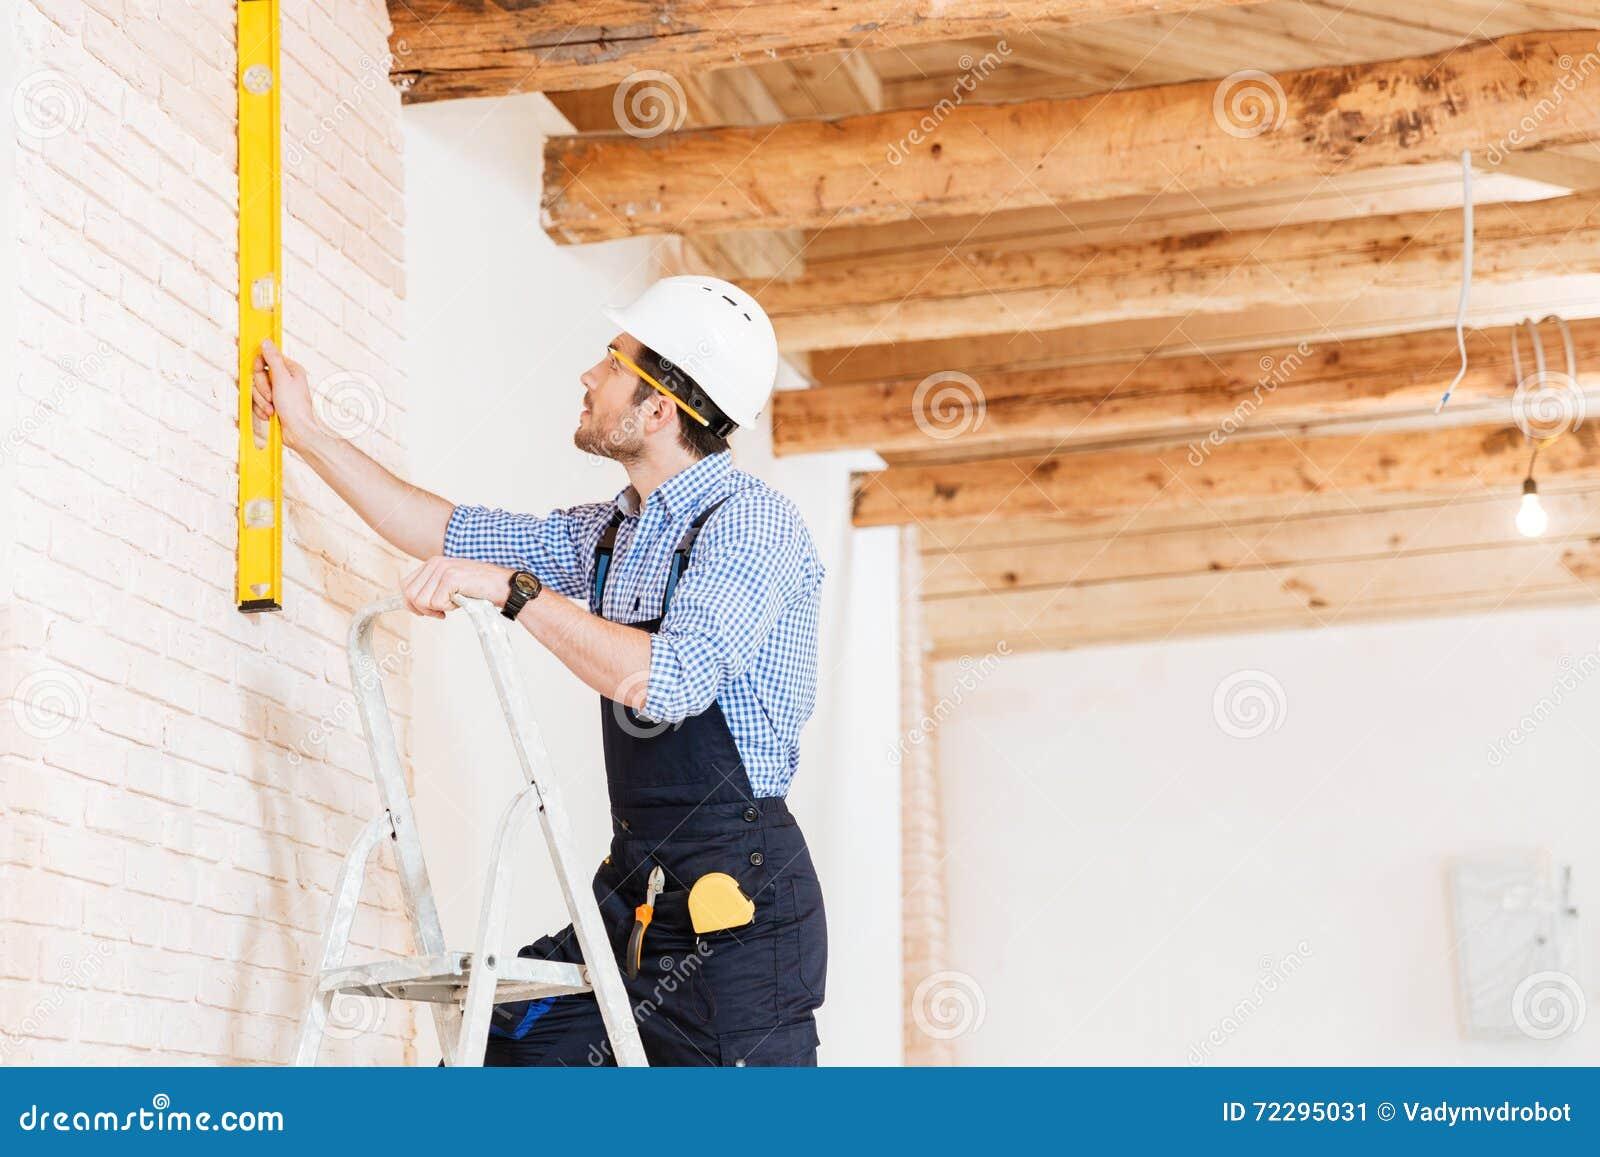 Download Построитель используя уровень Consruction и стоящий N лестница Стоковое Изображение - изображение насчитывающей индустрия, конструкция: 72295031